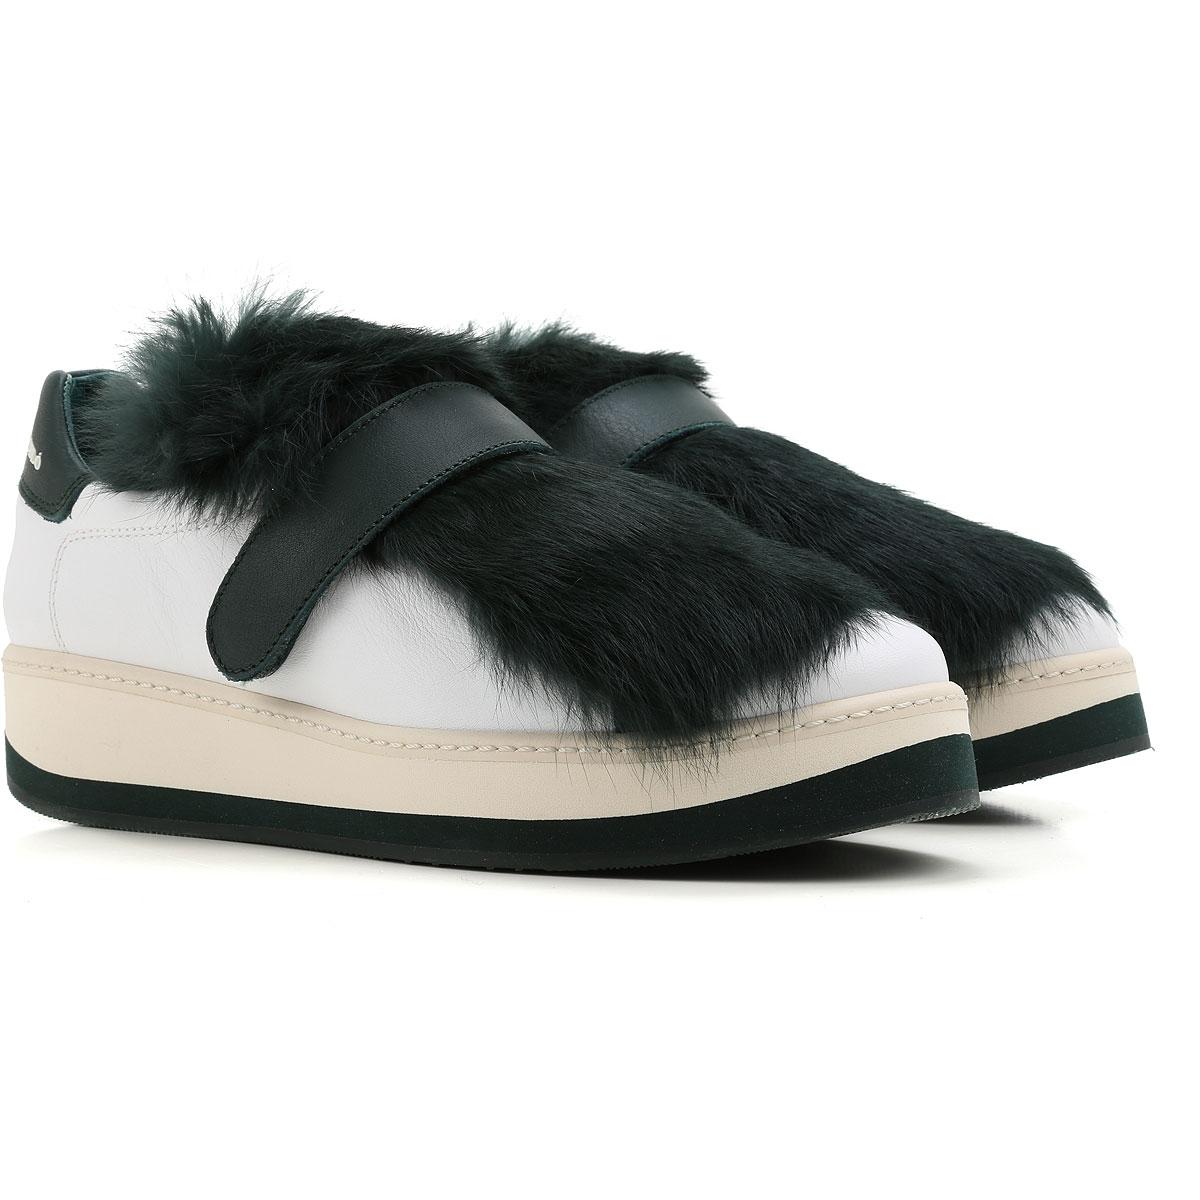 Paloma Barcelo Sneaker Femme Pas cher en Soldes, Blanc, Cuir, 2017, 36 37 38 40